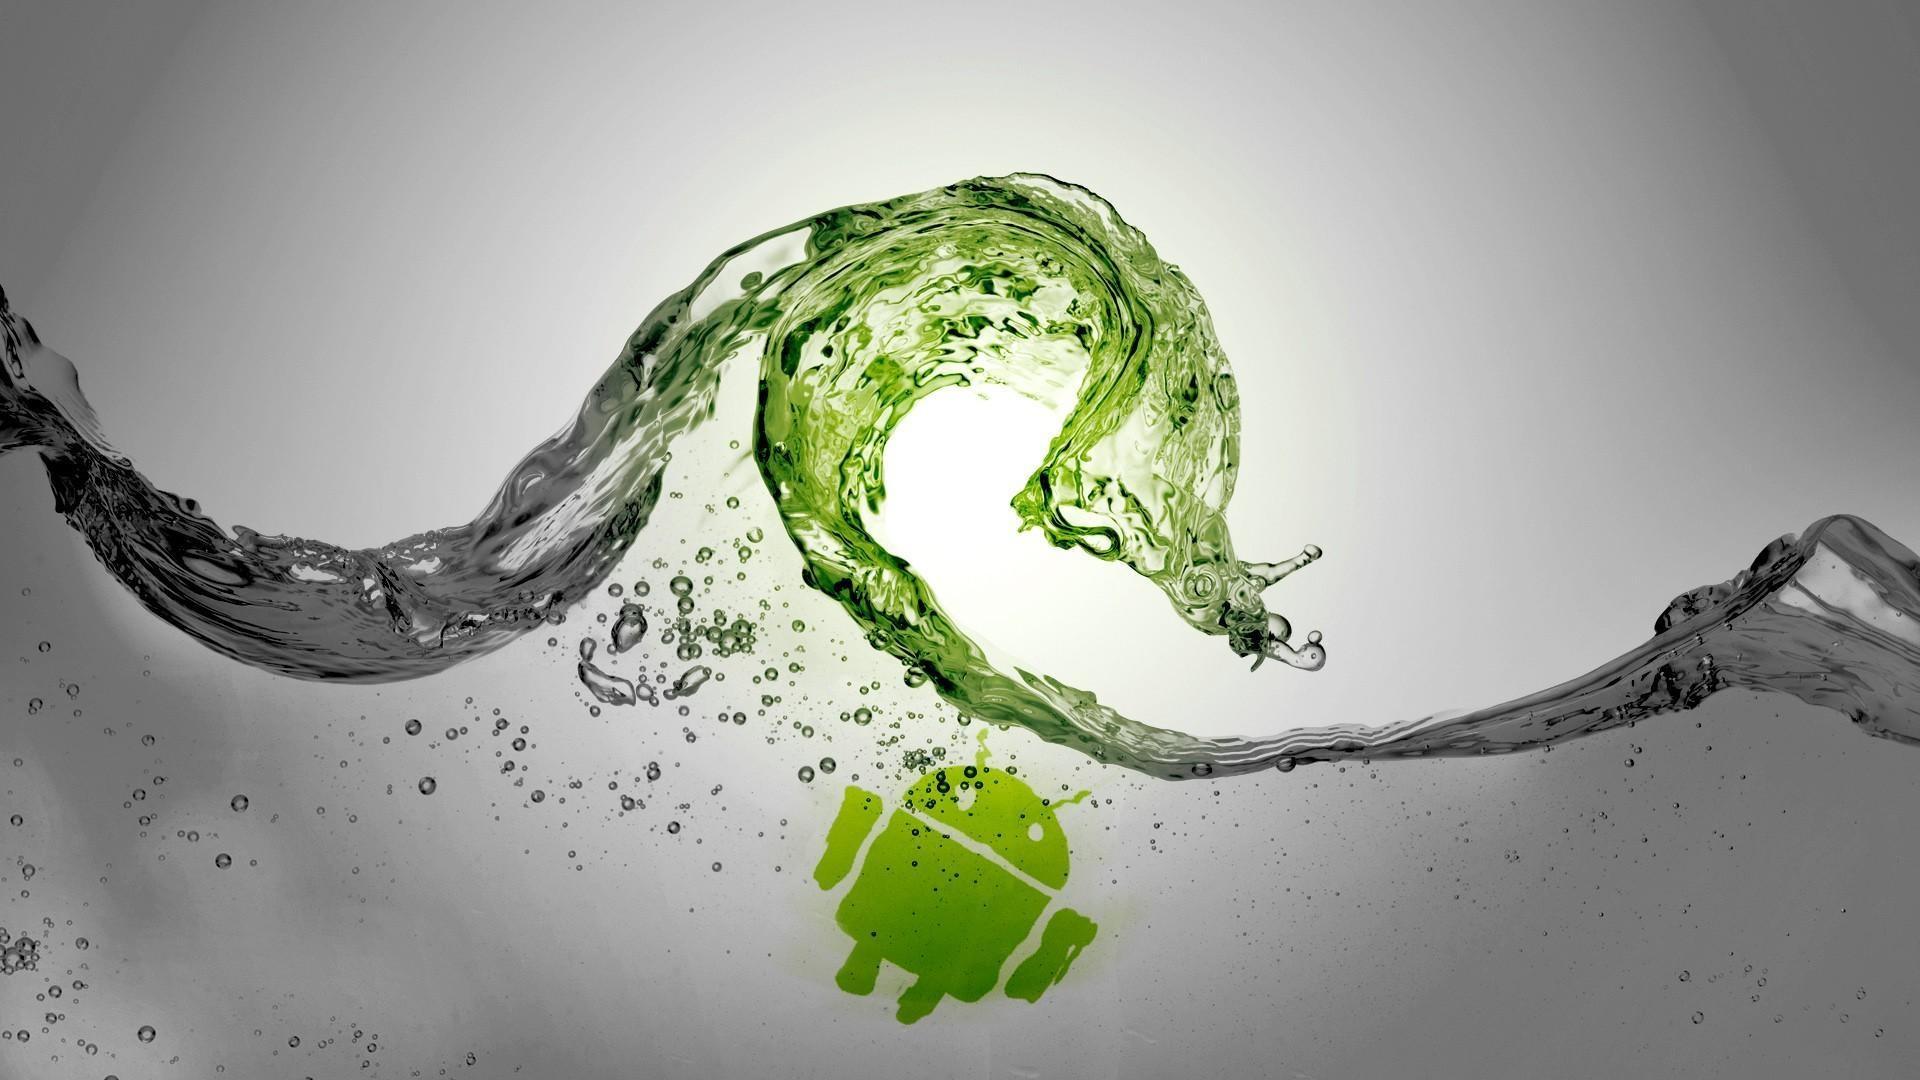 скачать на андроид бесплатно 3d обои на рабочий стол № 187414 бесплатно